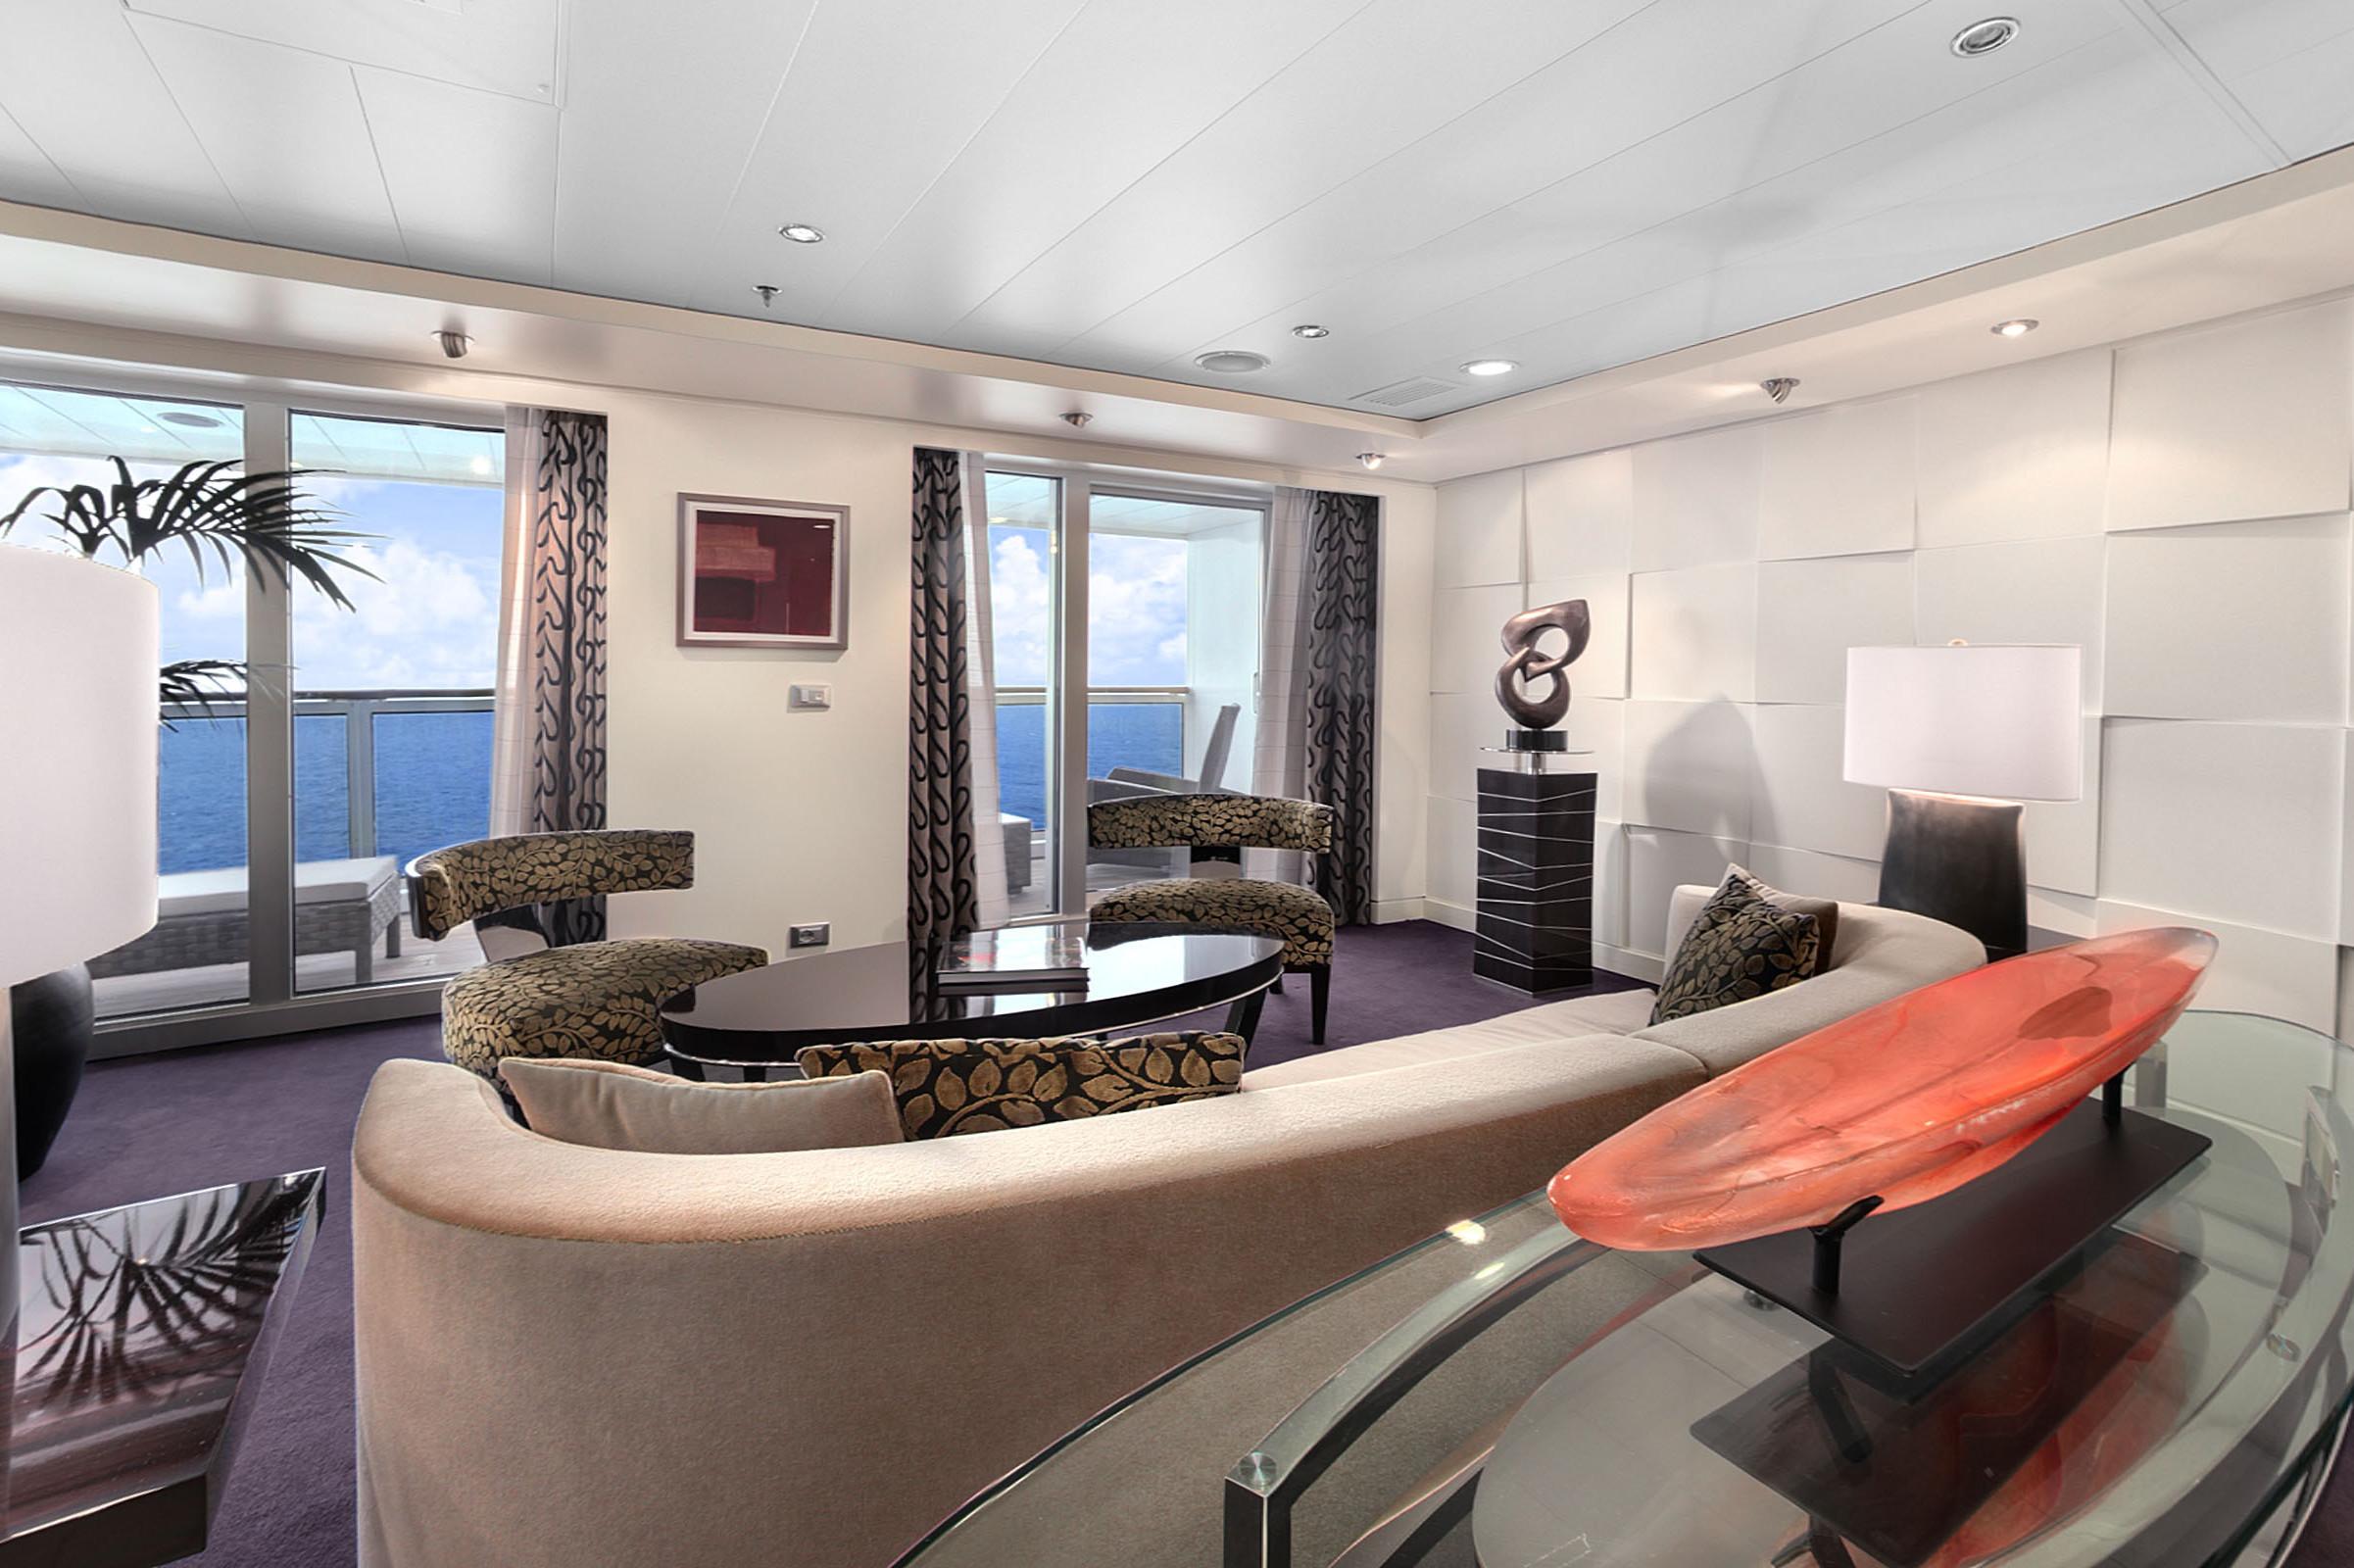 Oceania O Class - Oceania Suite living room